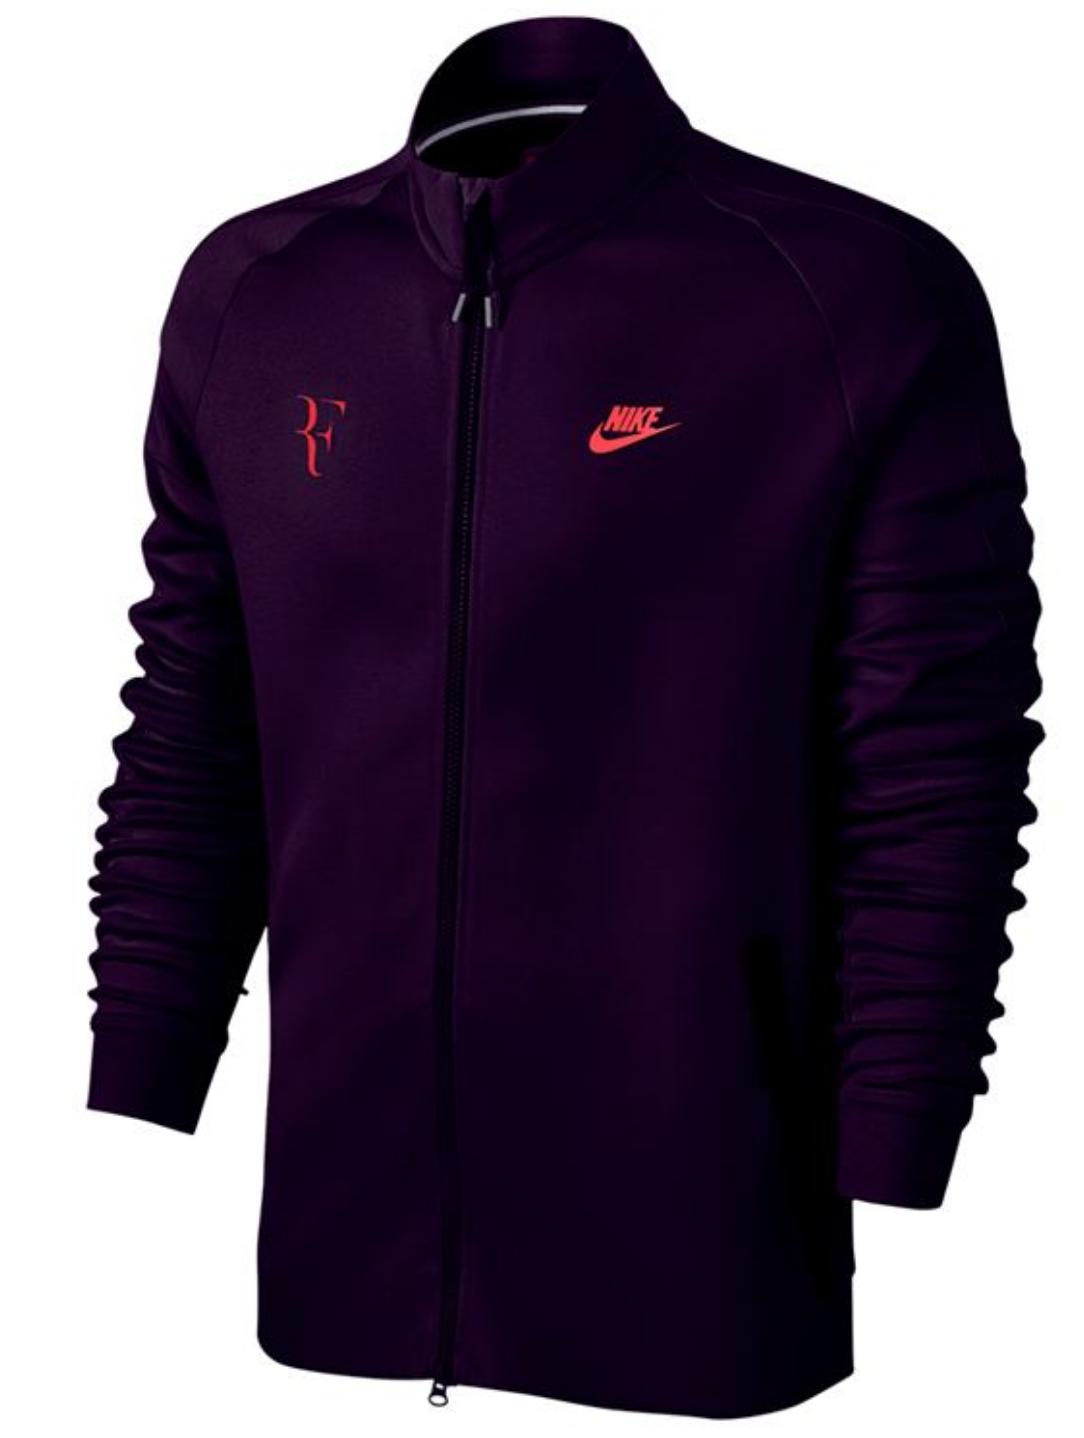 Roger Federer 2017 Hopman Cup RF Jacket